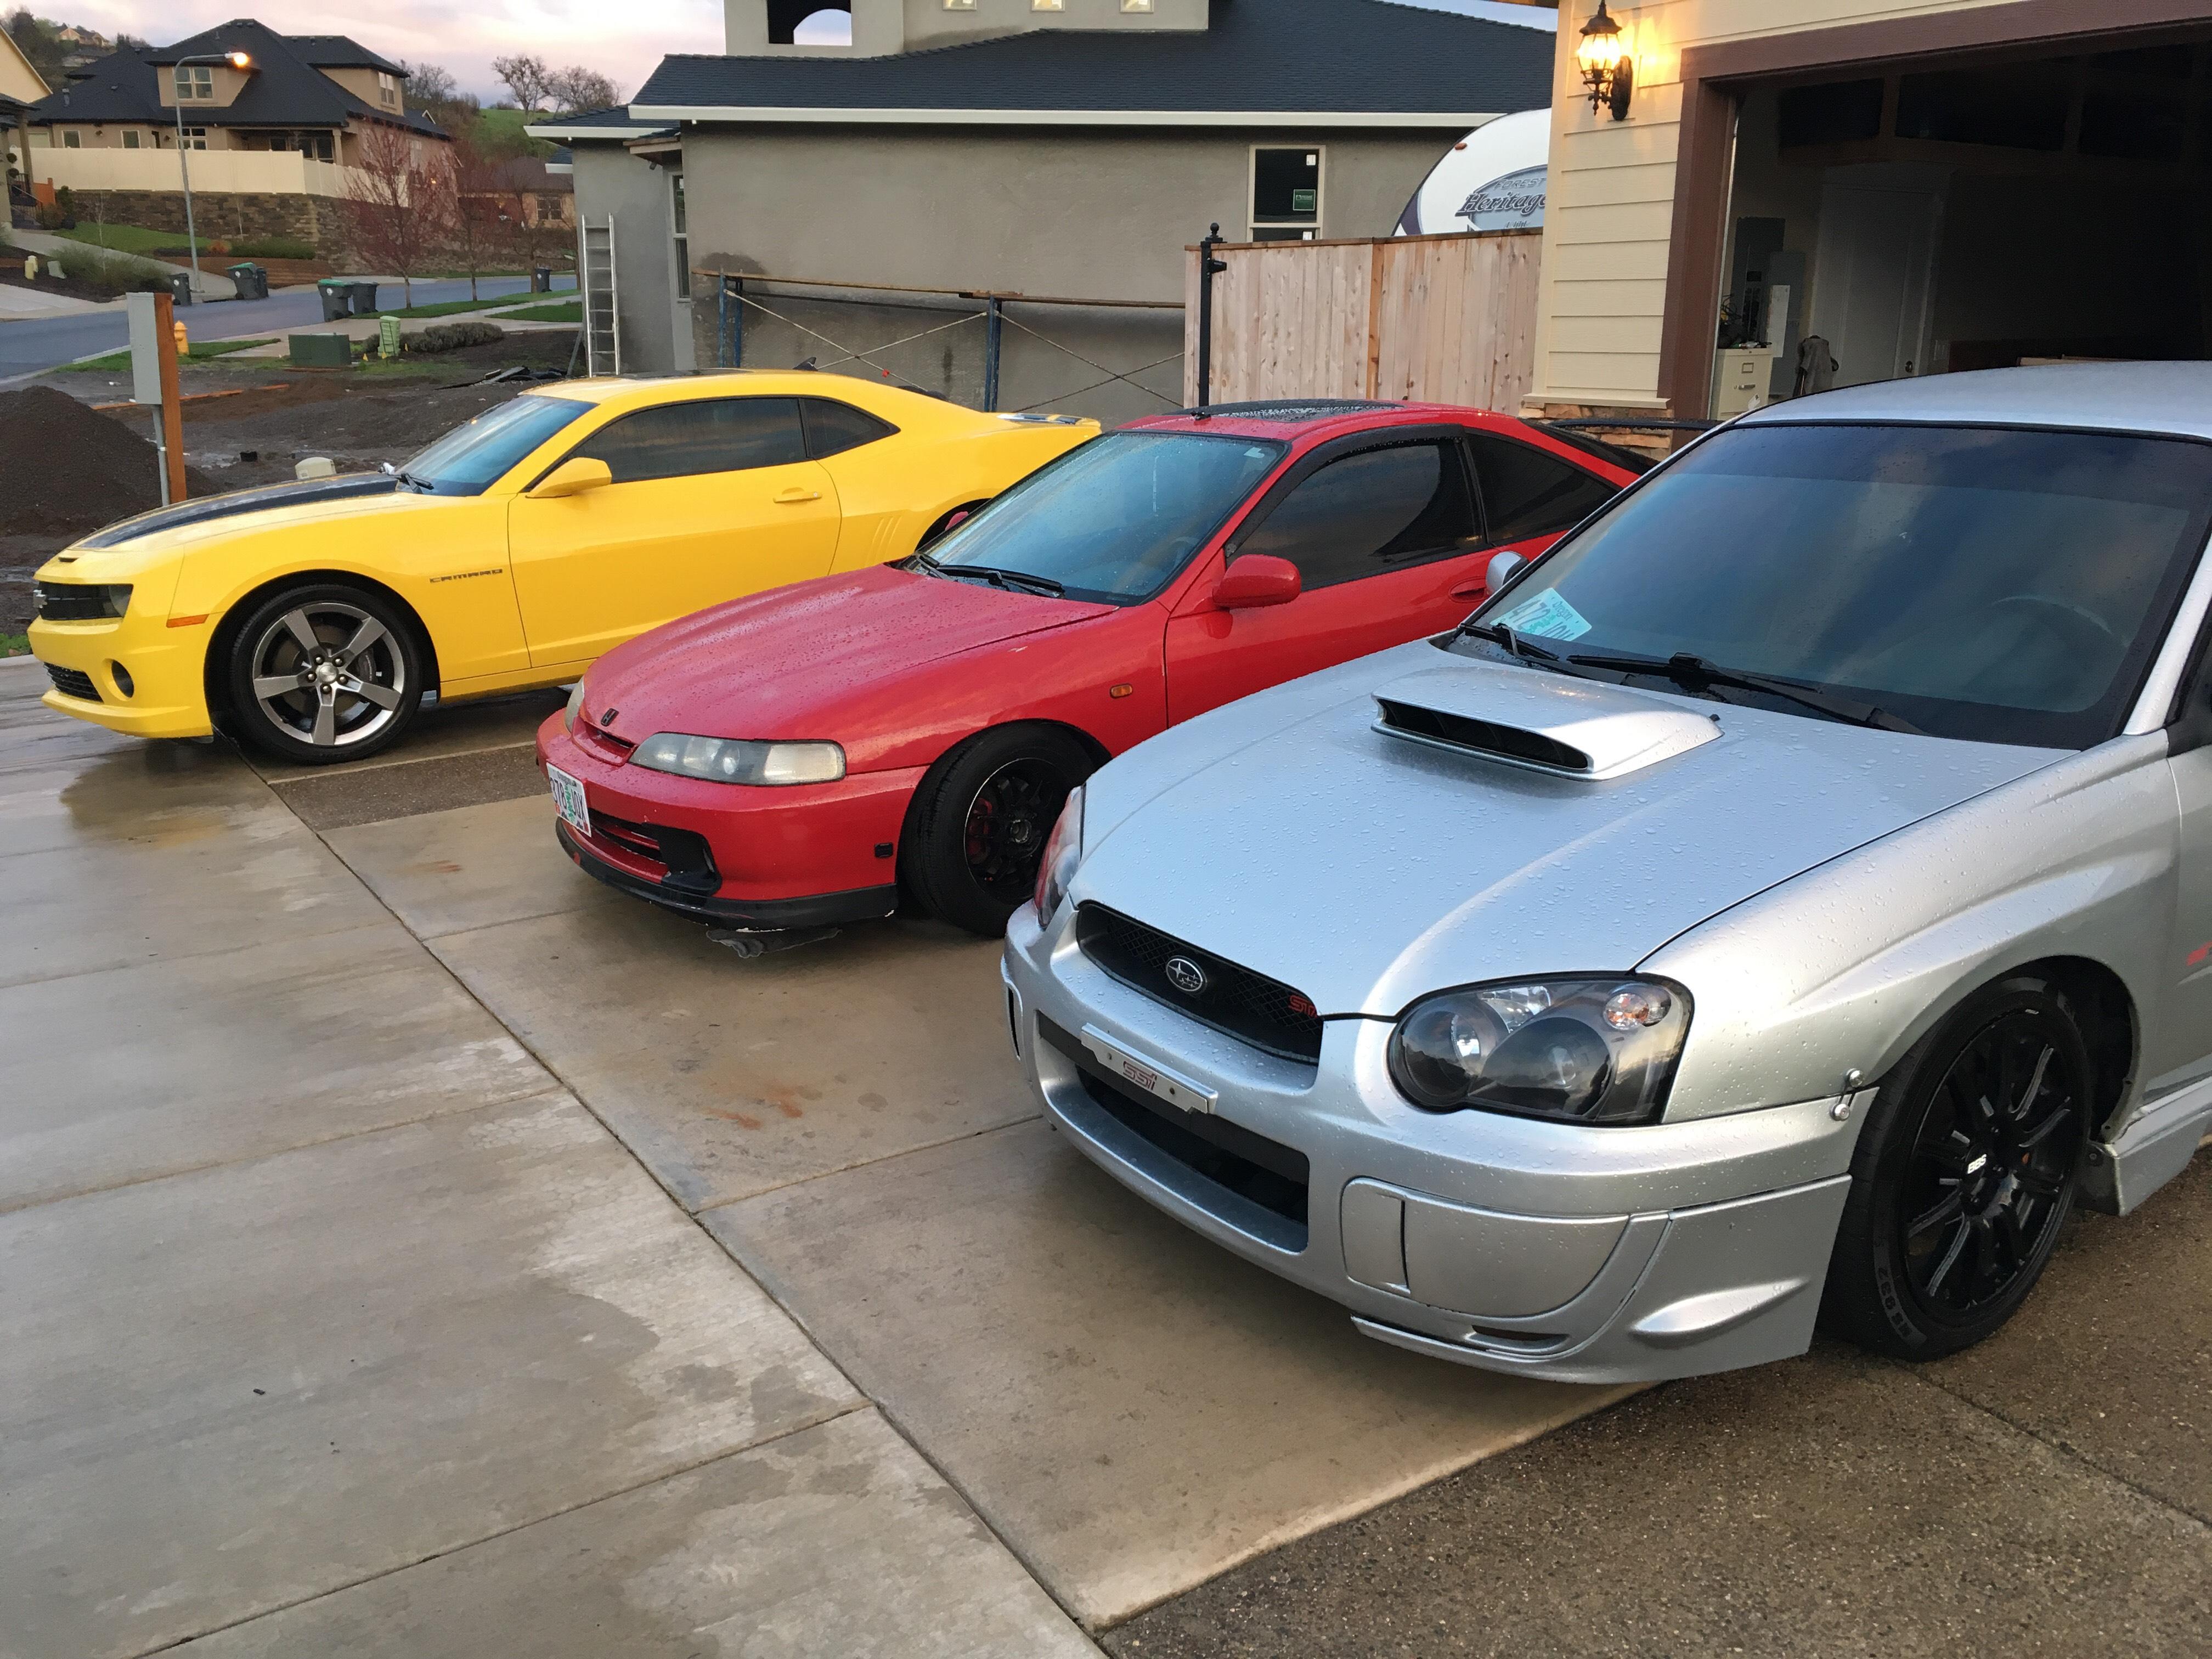 1995 Acura Jdm Integra Gsr